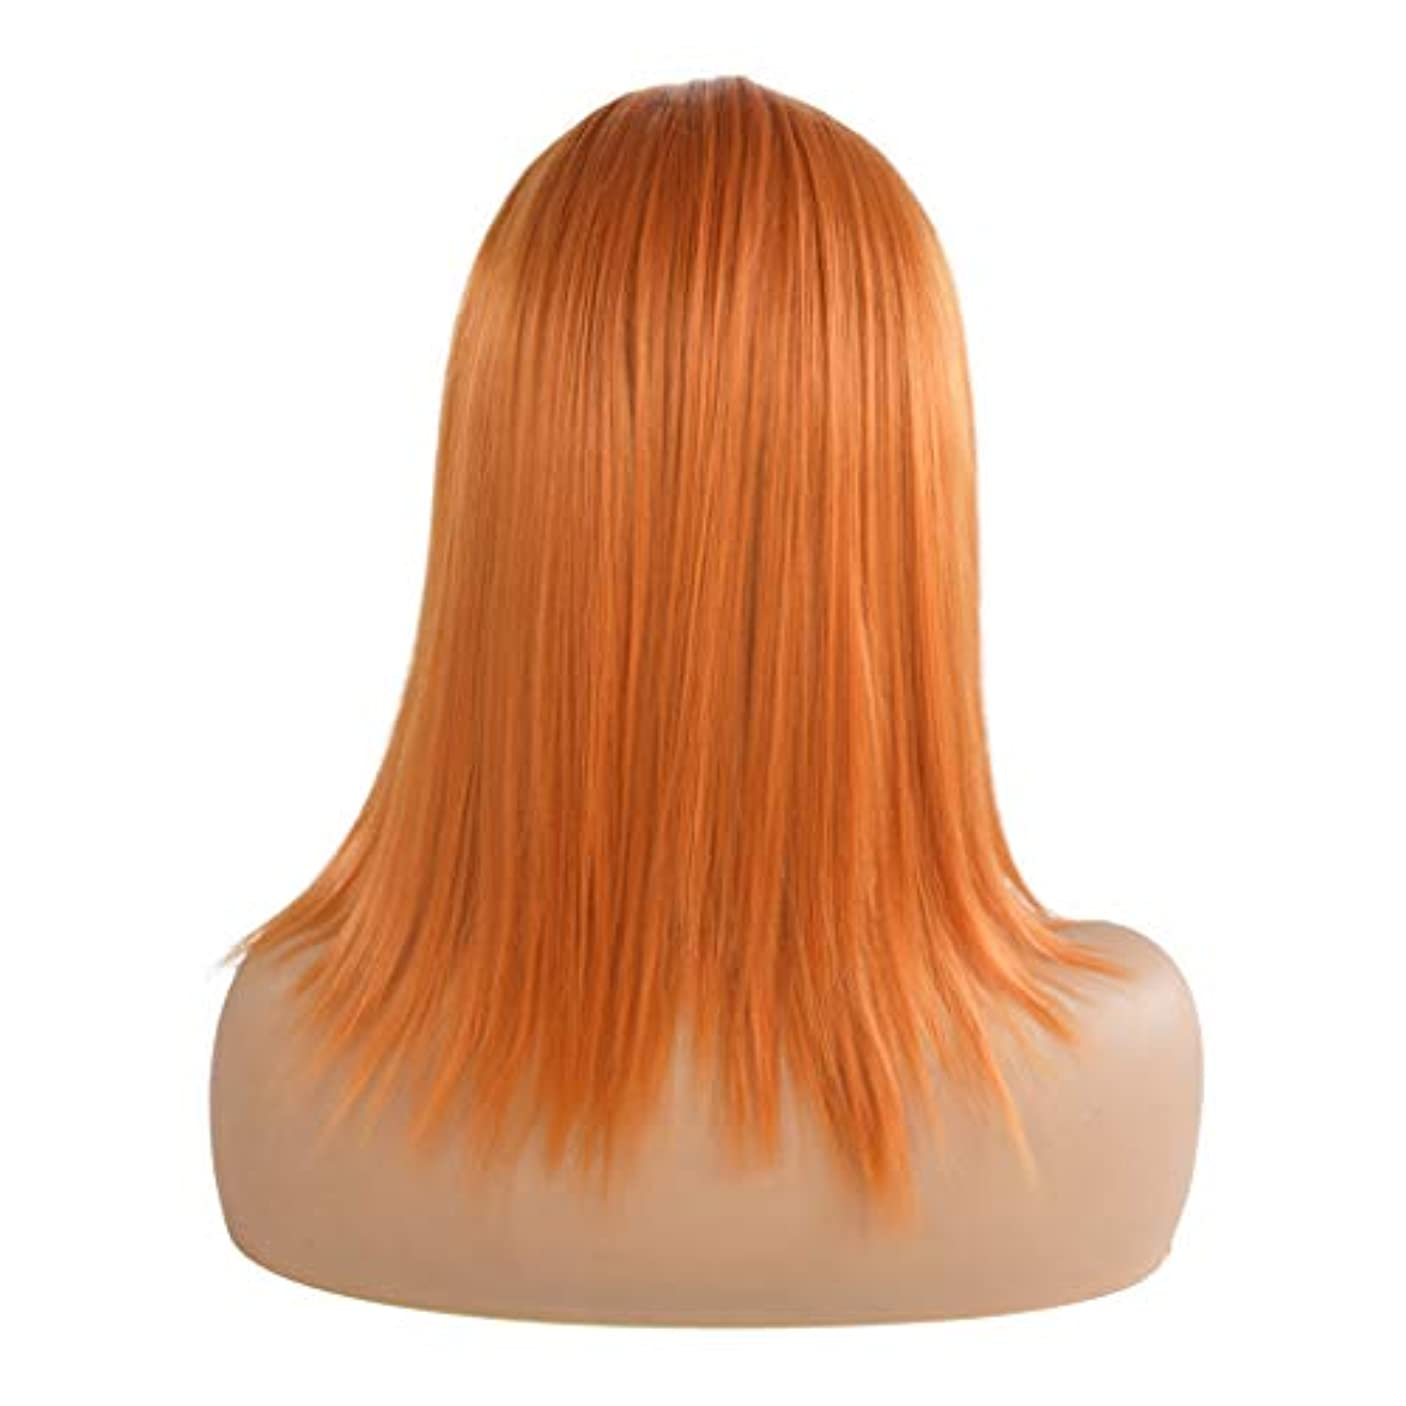 連帯華氏宙返りウィッグオレンジショートストレートヘアフロントレースファッションウィッグ18インチ